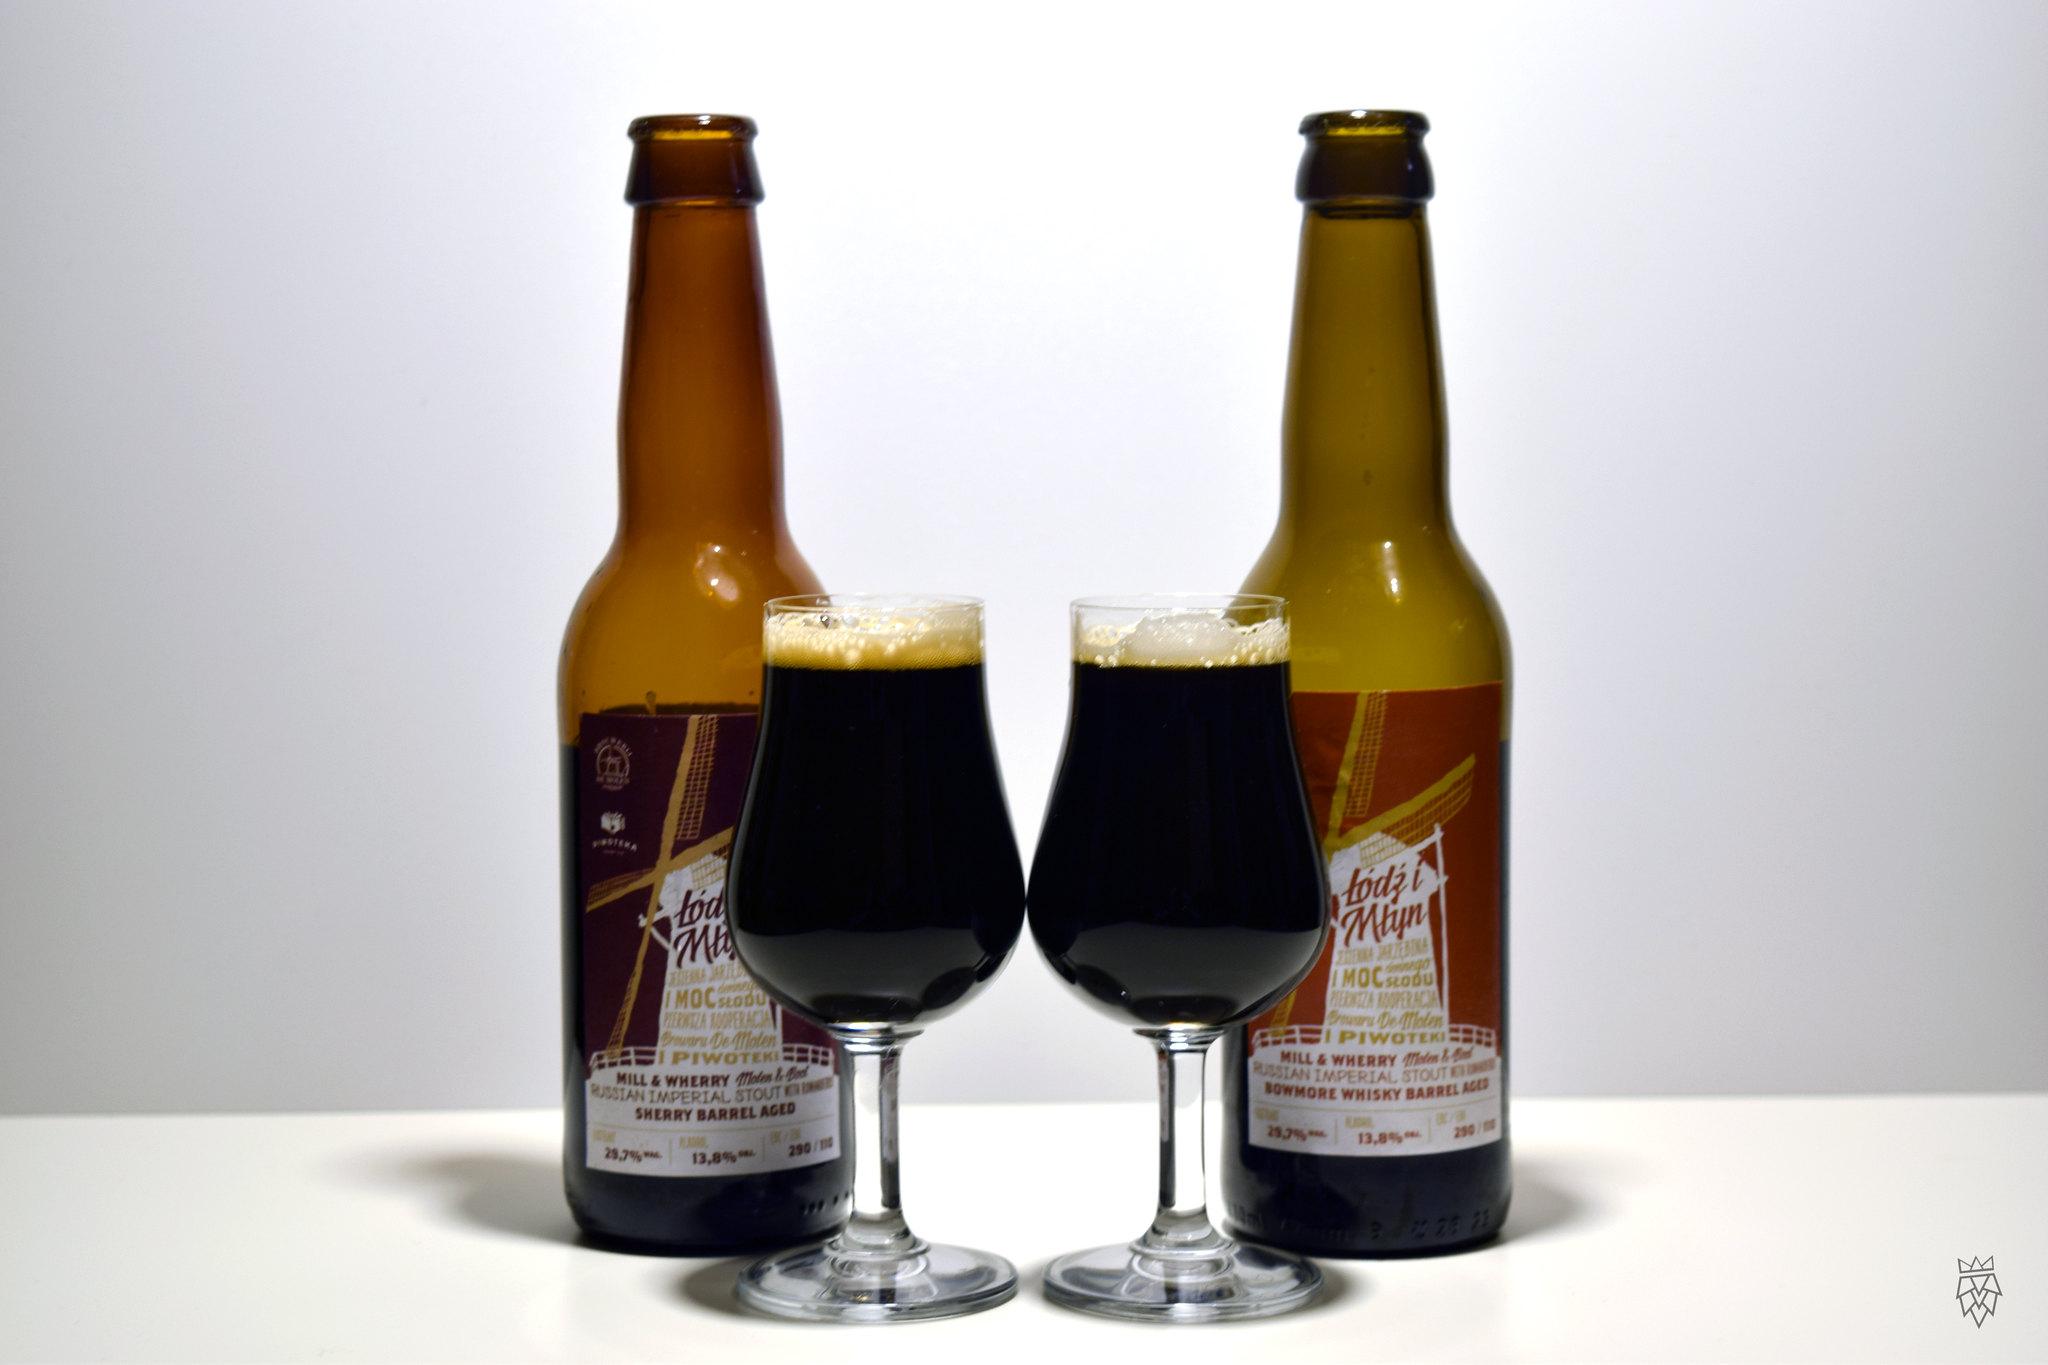 Piwoteka De Molen Łódź i Młyn